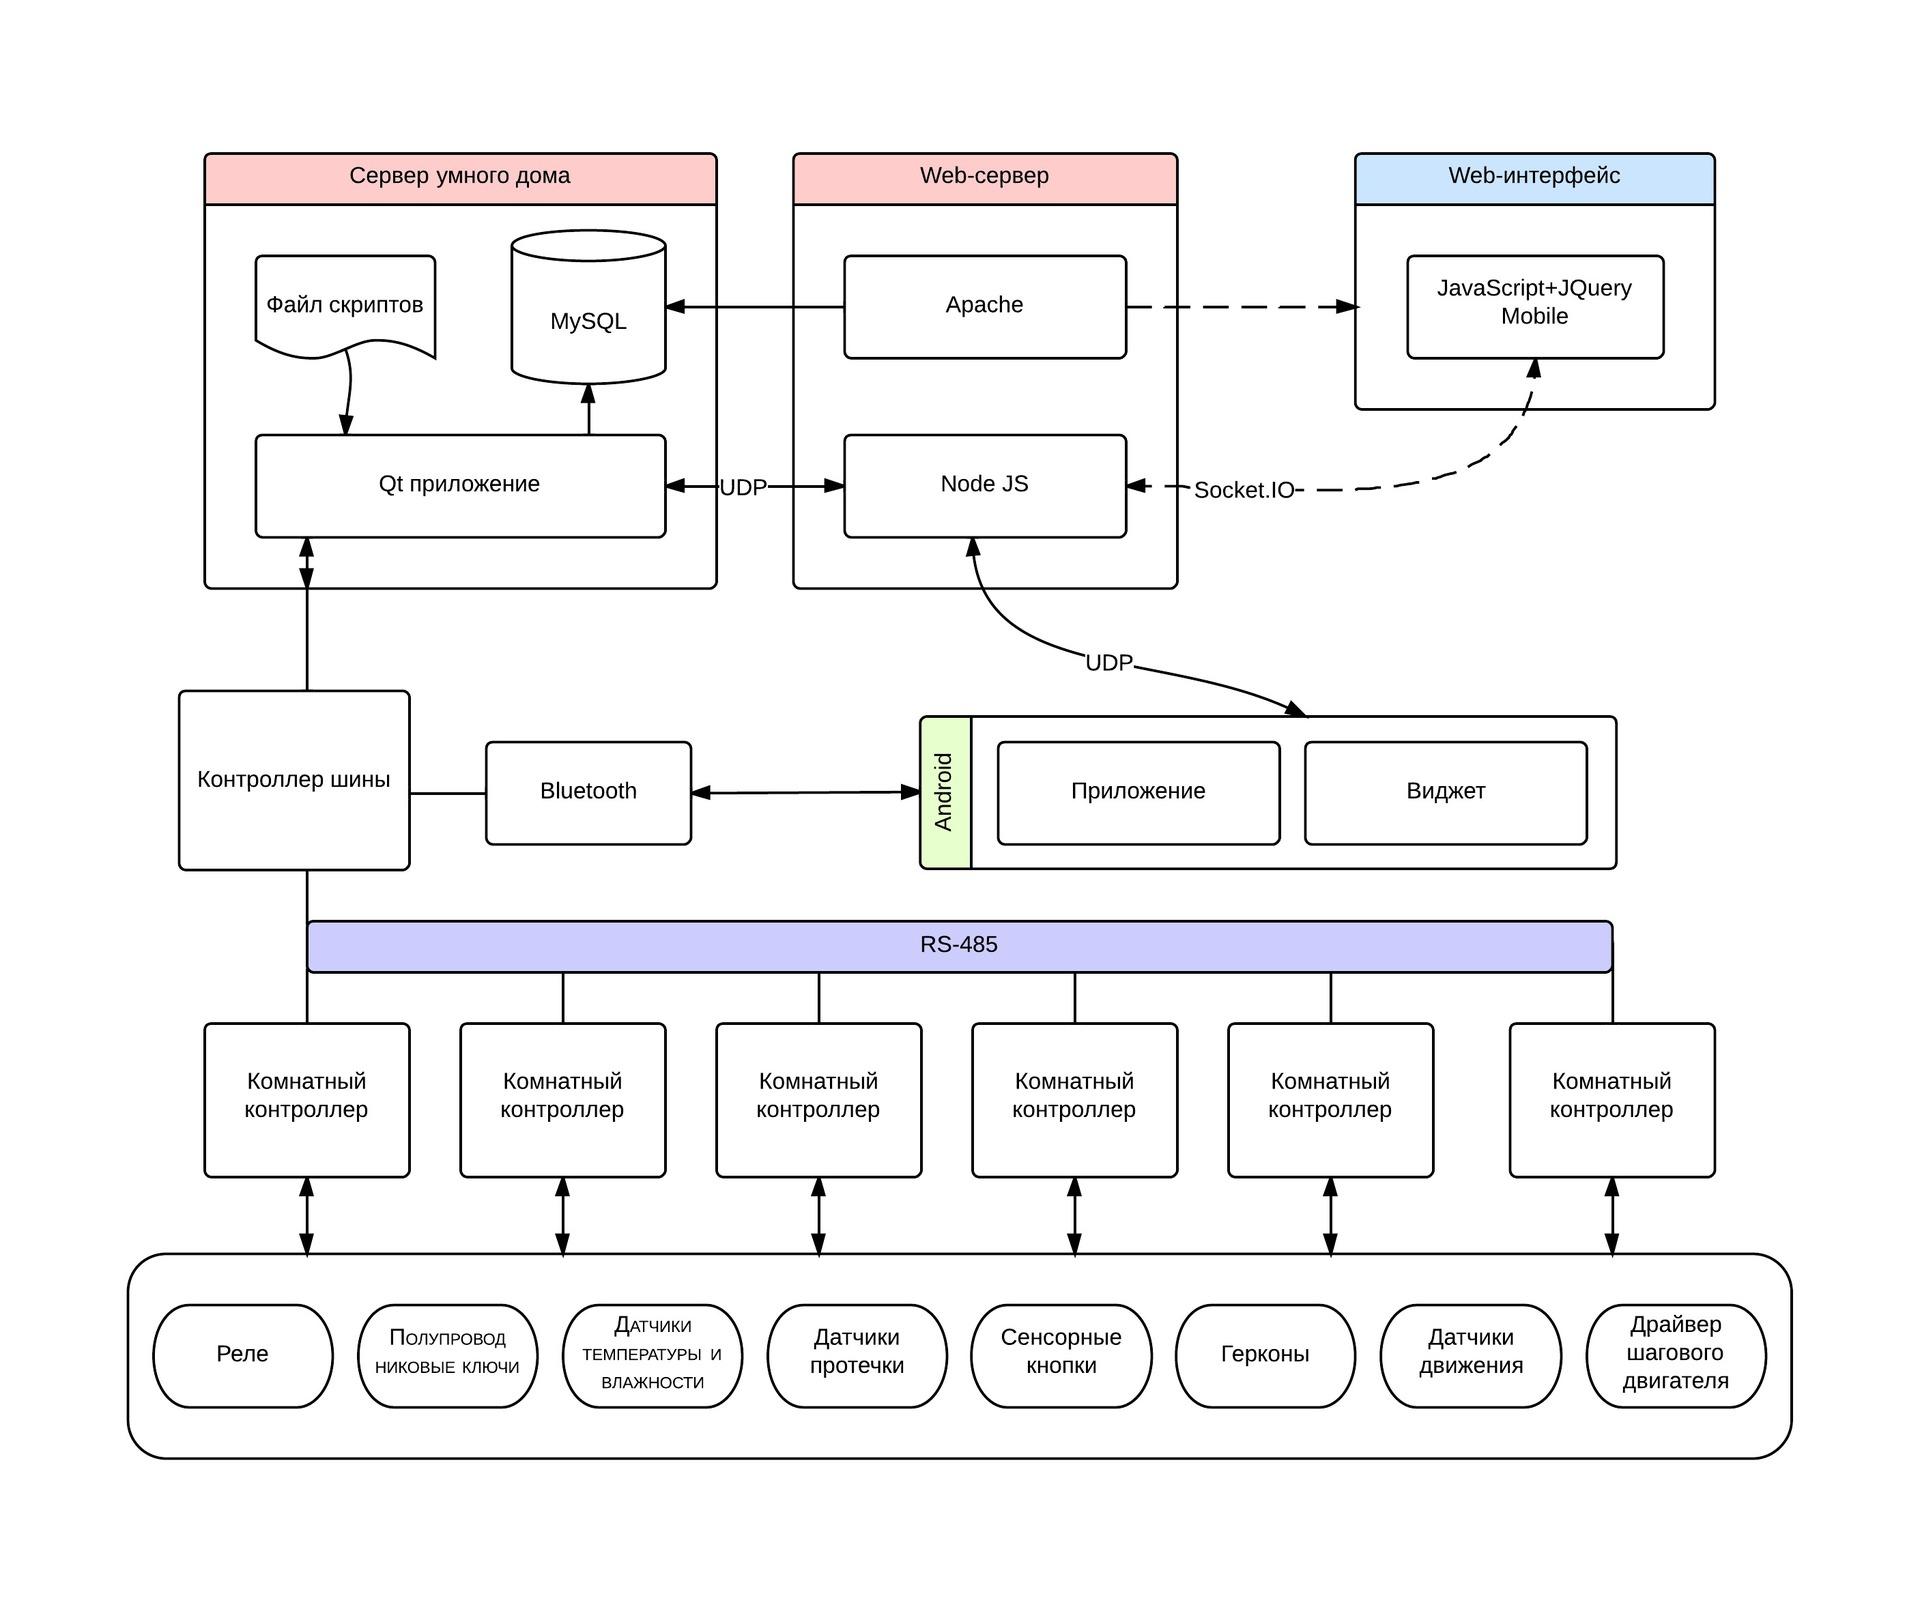 Умный дом — общая архитектура системы